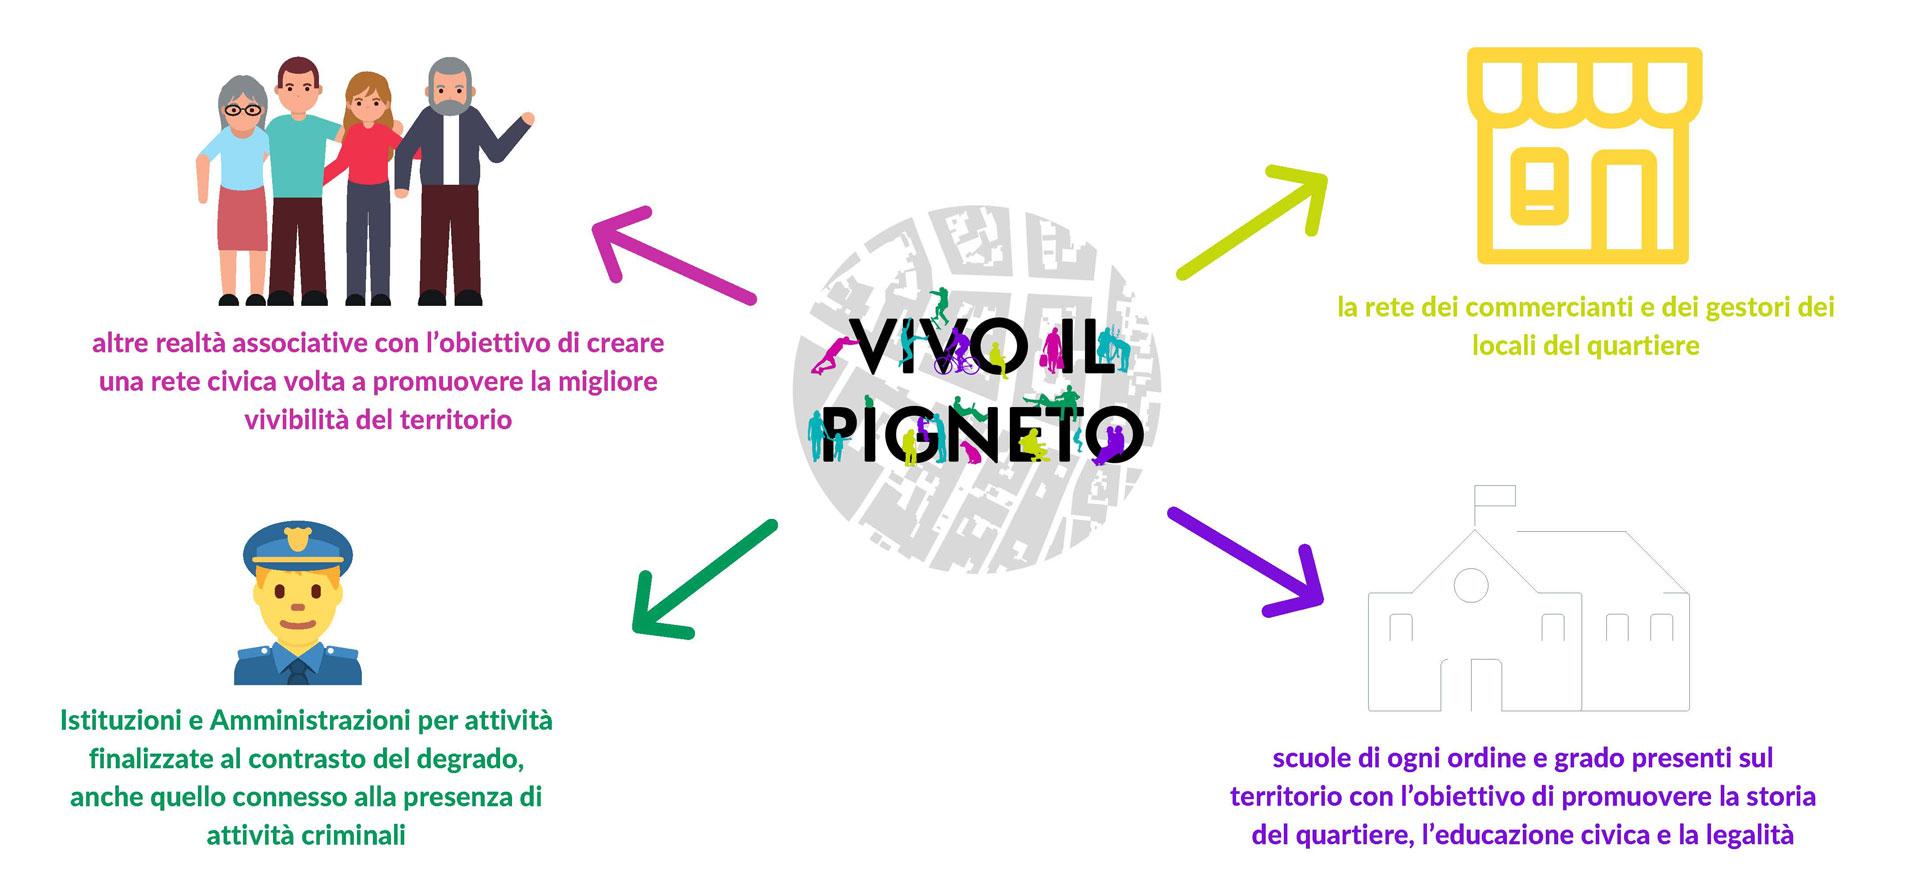 mappa-relazionale-vivo-il-pigneto